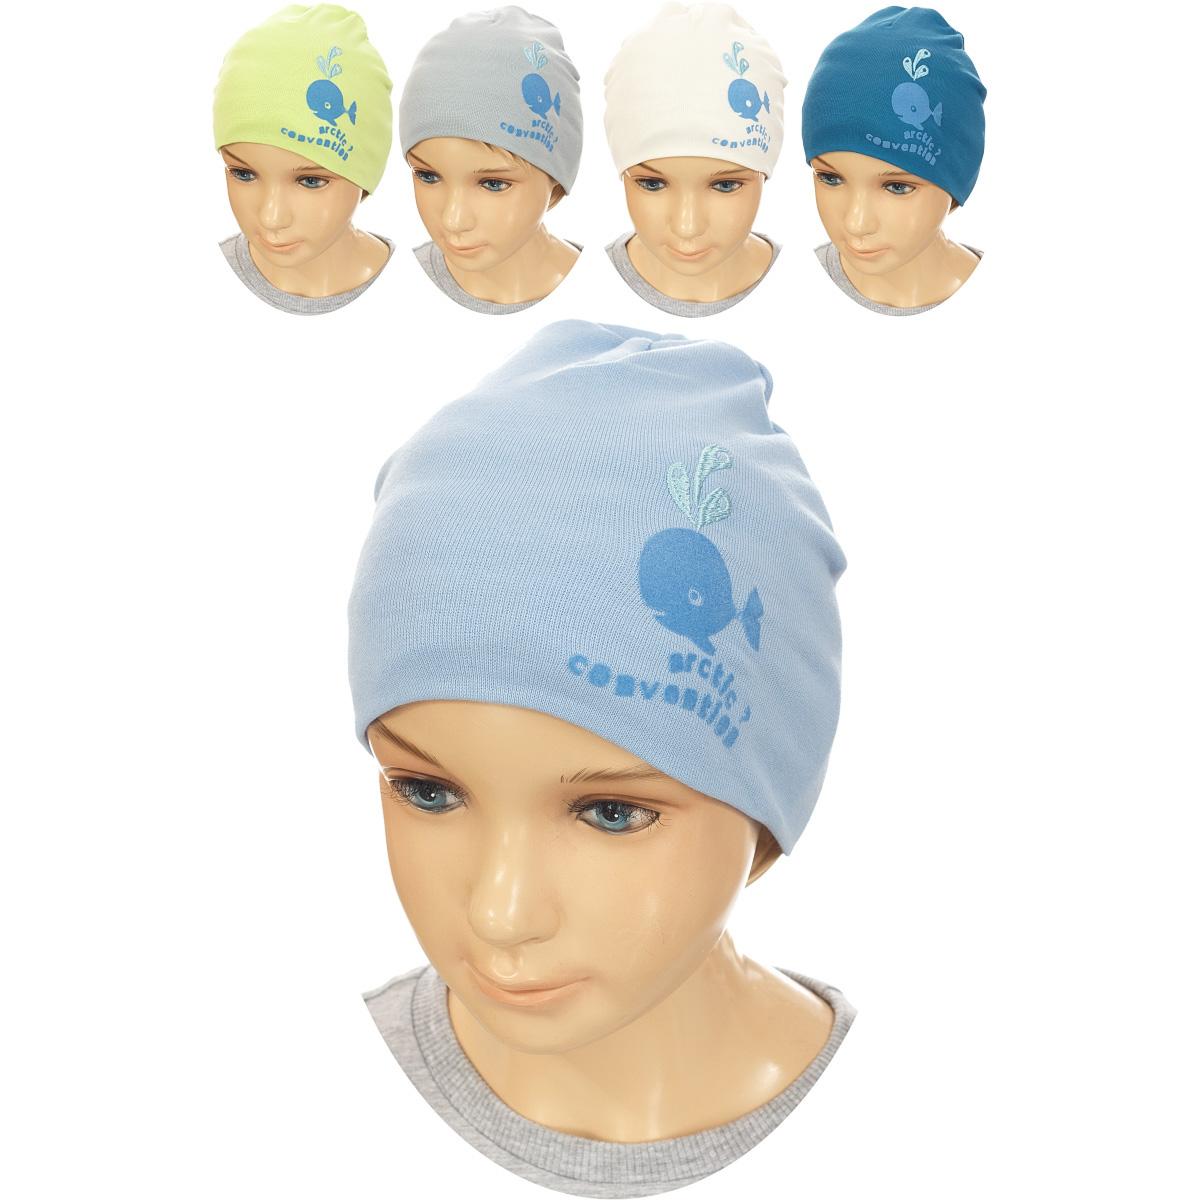 Шапка для мальчика. MC3733-22MC3733-22Стильная шапка для мальчика ПриКиндер идеально подойдет для прогулок и активных игр на свежем воздухе. Шапка выполнена из высококачественного эластичного хлопка, она невероятно мягкая и приятная на ощупь, великолепно тянется и удобно сидит. Такая шапочка отлично дополнит любой наряд. Модель украшена объемной бархатистой аппликацией с изображением кита и надписью Arctic Convention?. Удобная шапка станет модным и стильным дополнением гардероба вашего ребенка, надежно защитит его от холода и ветра и поднимет ему настроение даже в пасмурные дни! Уважаемые клиенты! Размер, доступный для заказа, является обхватом головы.